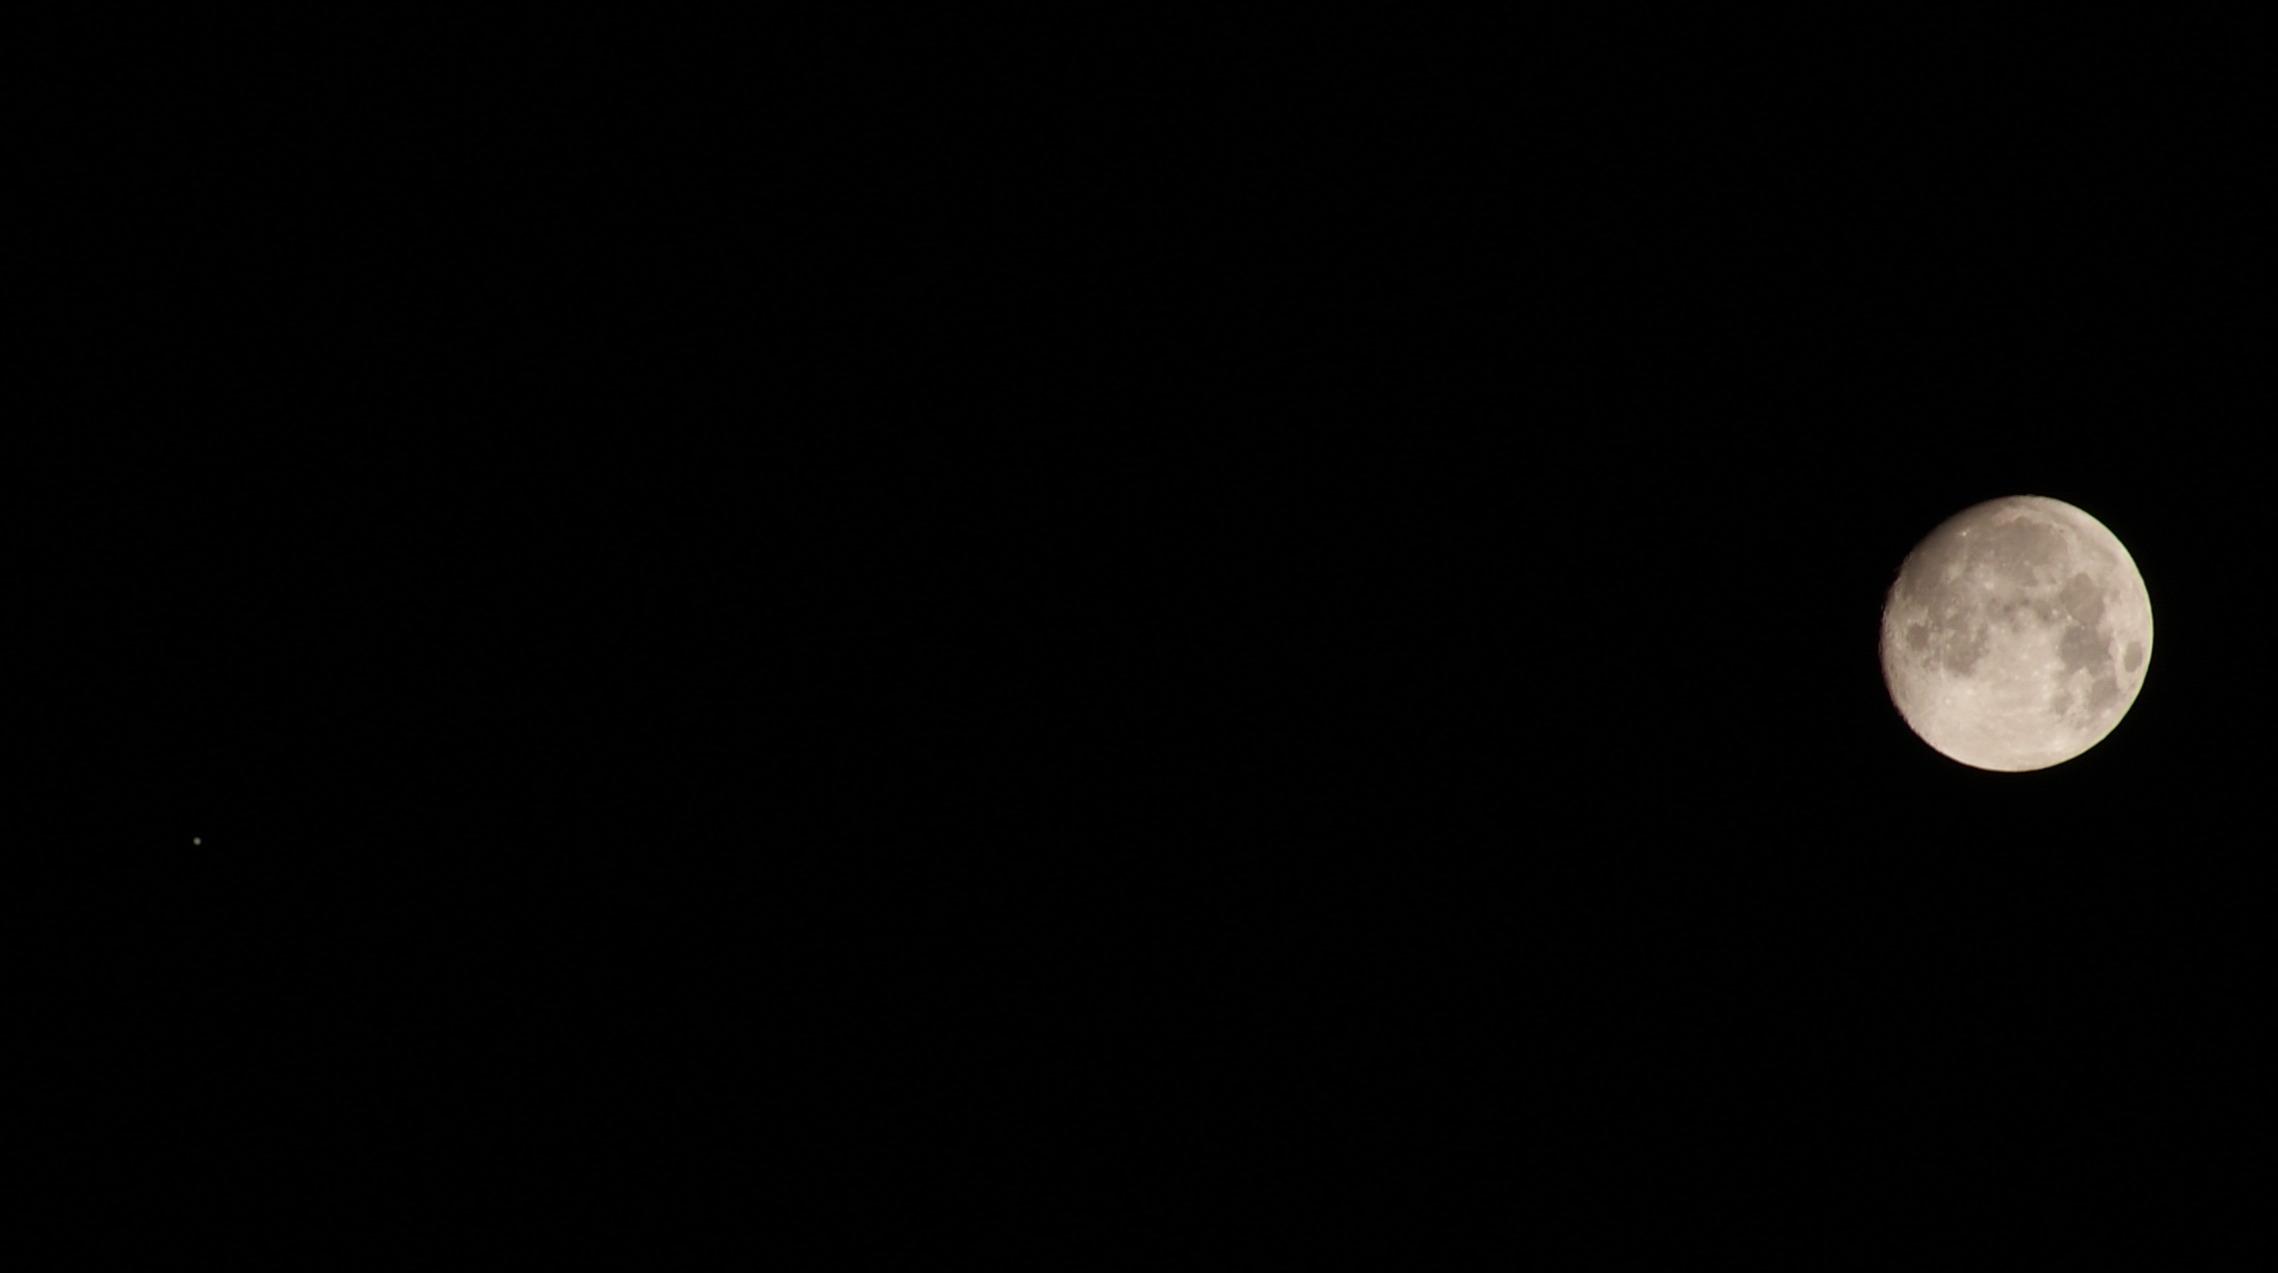 탐론 55-200 Di II LD MACRO로 찍은 보름달 사진 (1)